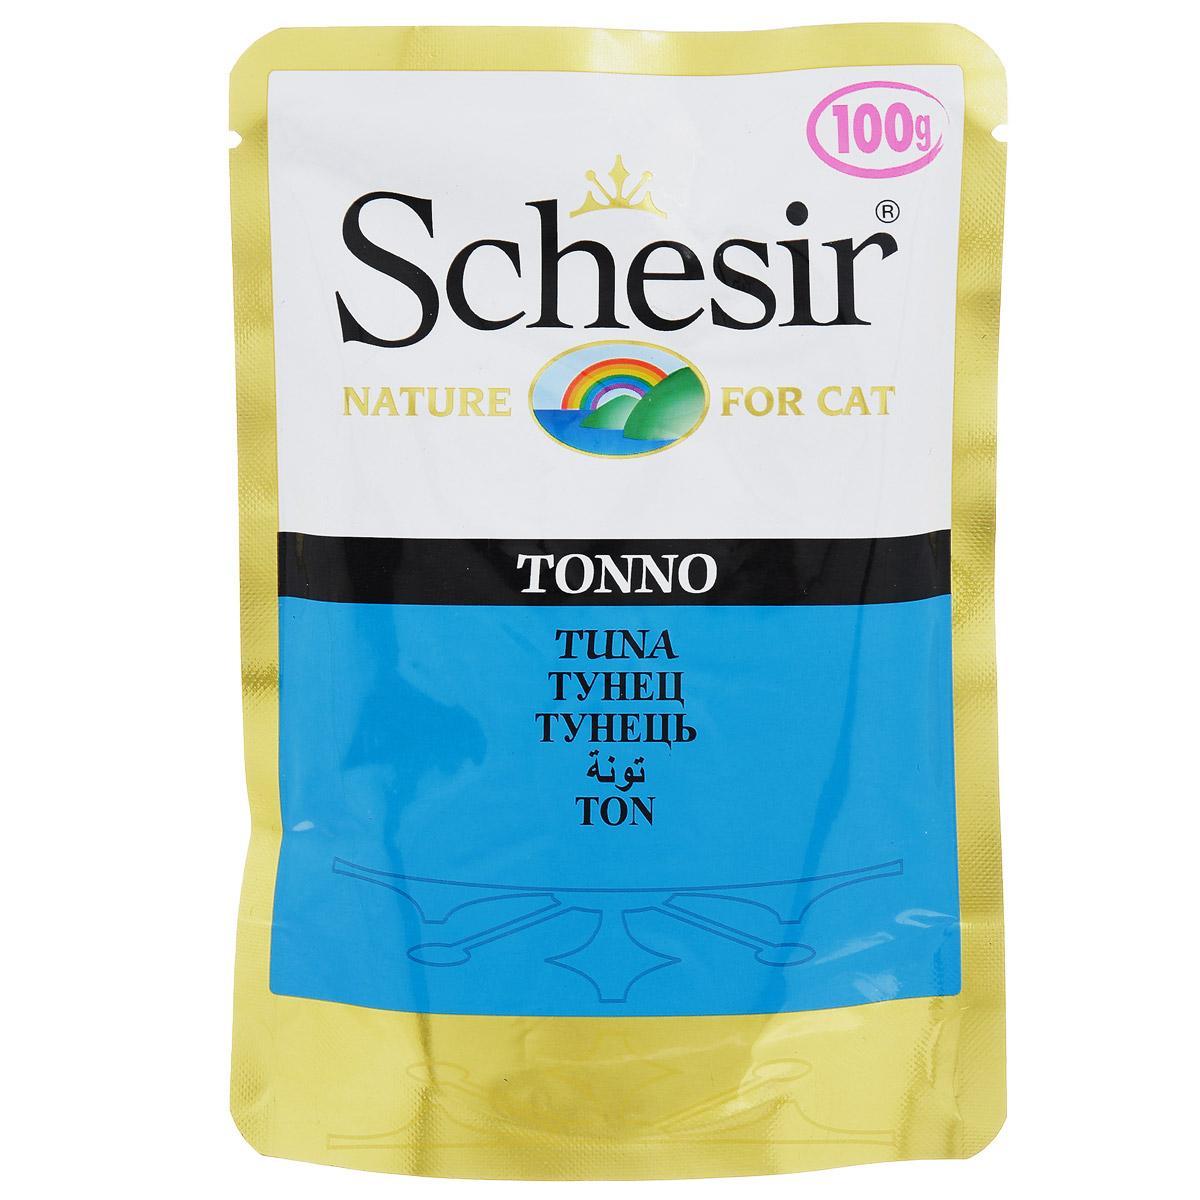 Консервы для кошек Schesir, с тунцом, 100 г0120710Консервы Schesir - это полнорационный корм для кошек. Состав: тунец (50% минимум), овощное желе. Содержание элементов: сырой протеин 12%, жиры 0,5%, клетчатка 0,1%, зола1,2%, влажность 82%.Витамины: А - 1325 МЕ, D3 - 110 МЕ, Е - 15 мг, таурин 160 мг. Вес: 100 г. Товар сертифицирован.